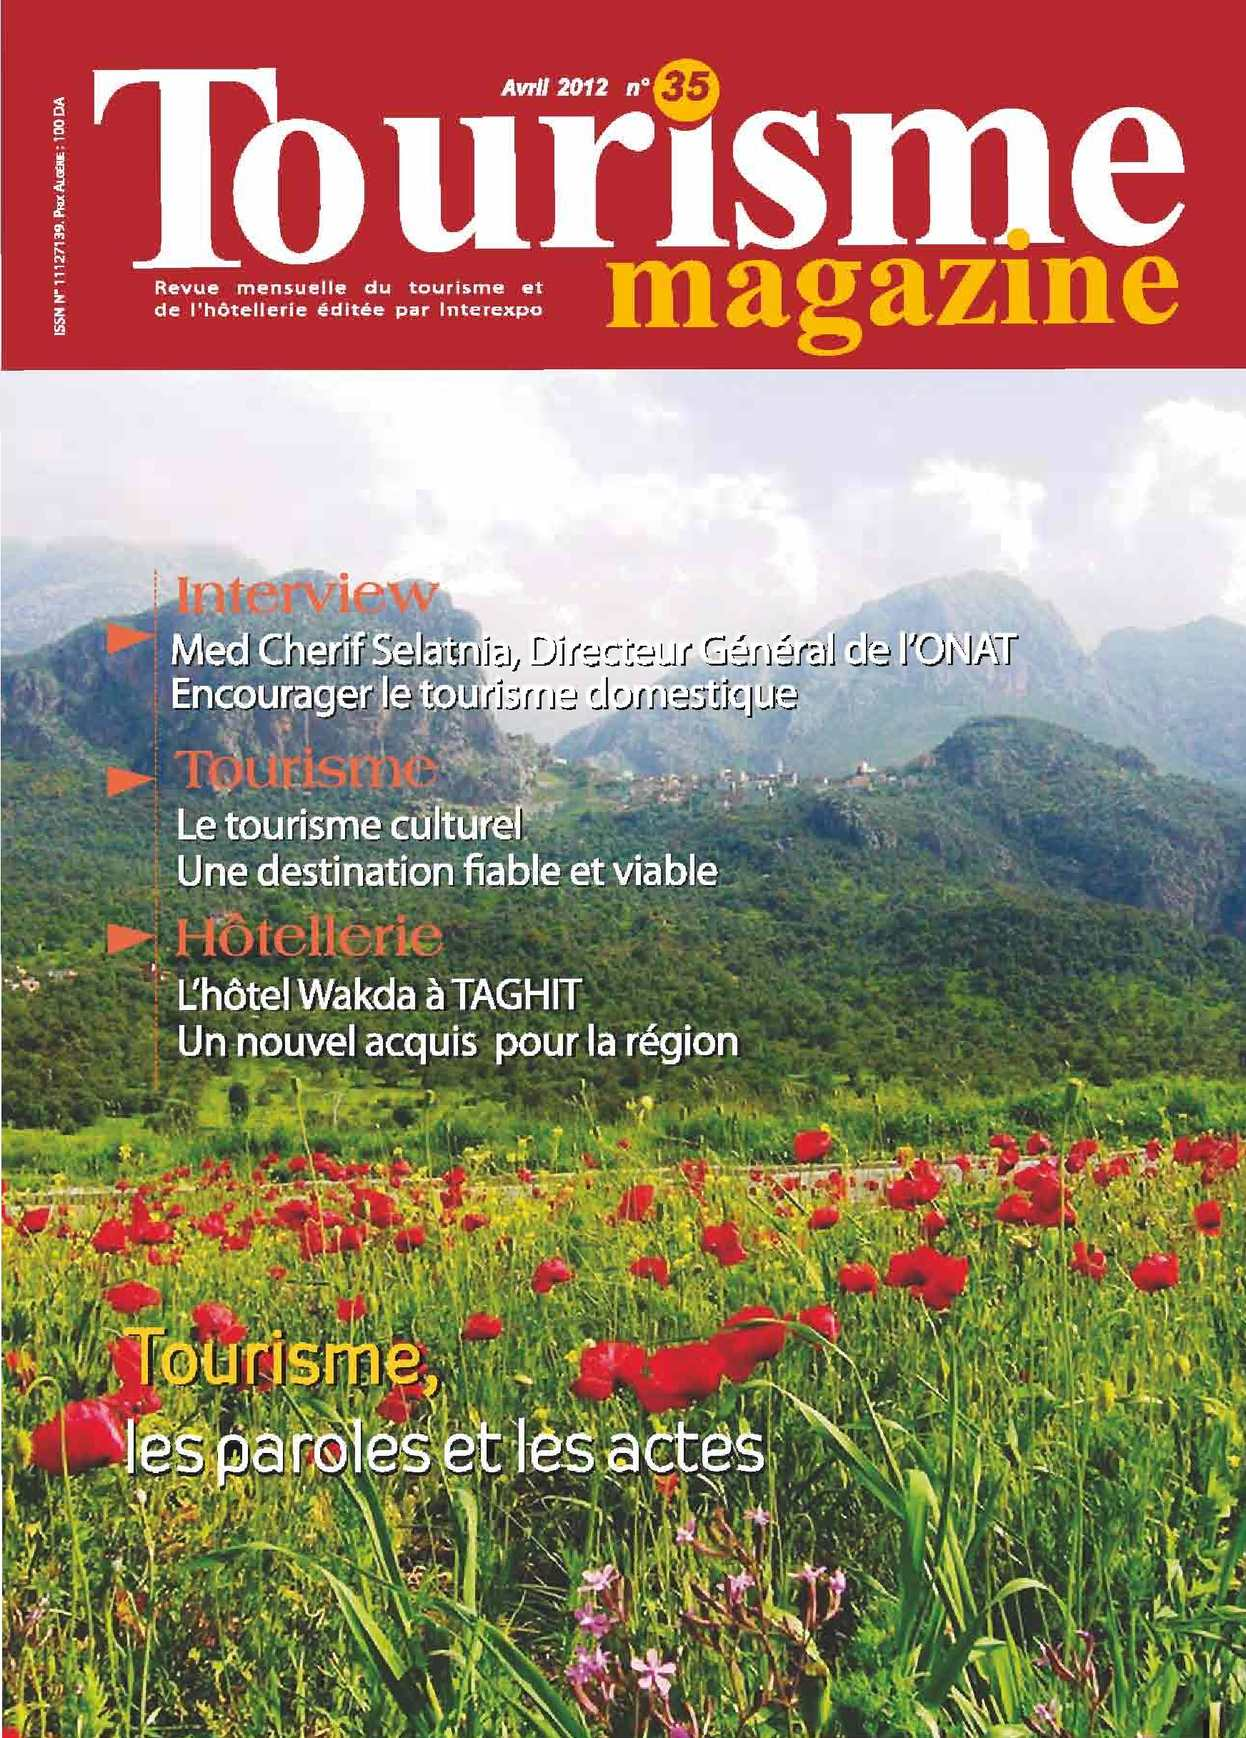 Tourisme Magazine n°35 Avril 2012